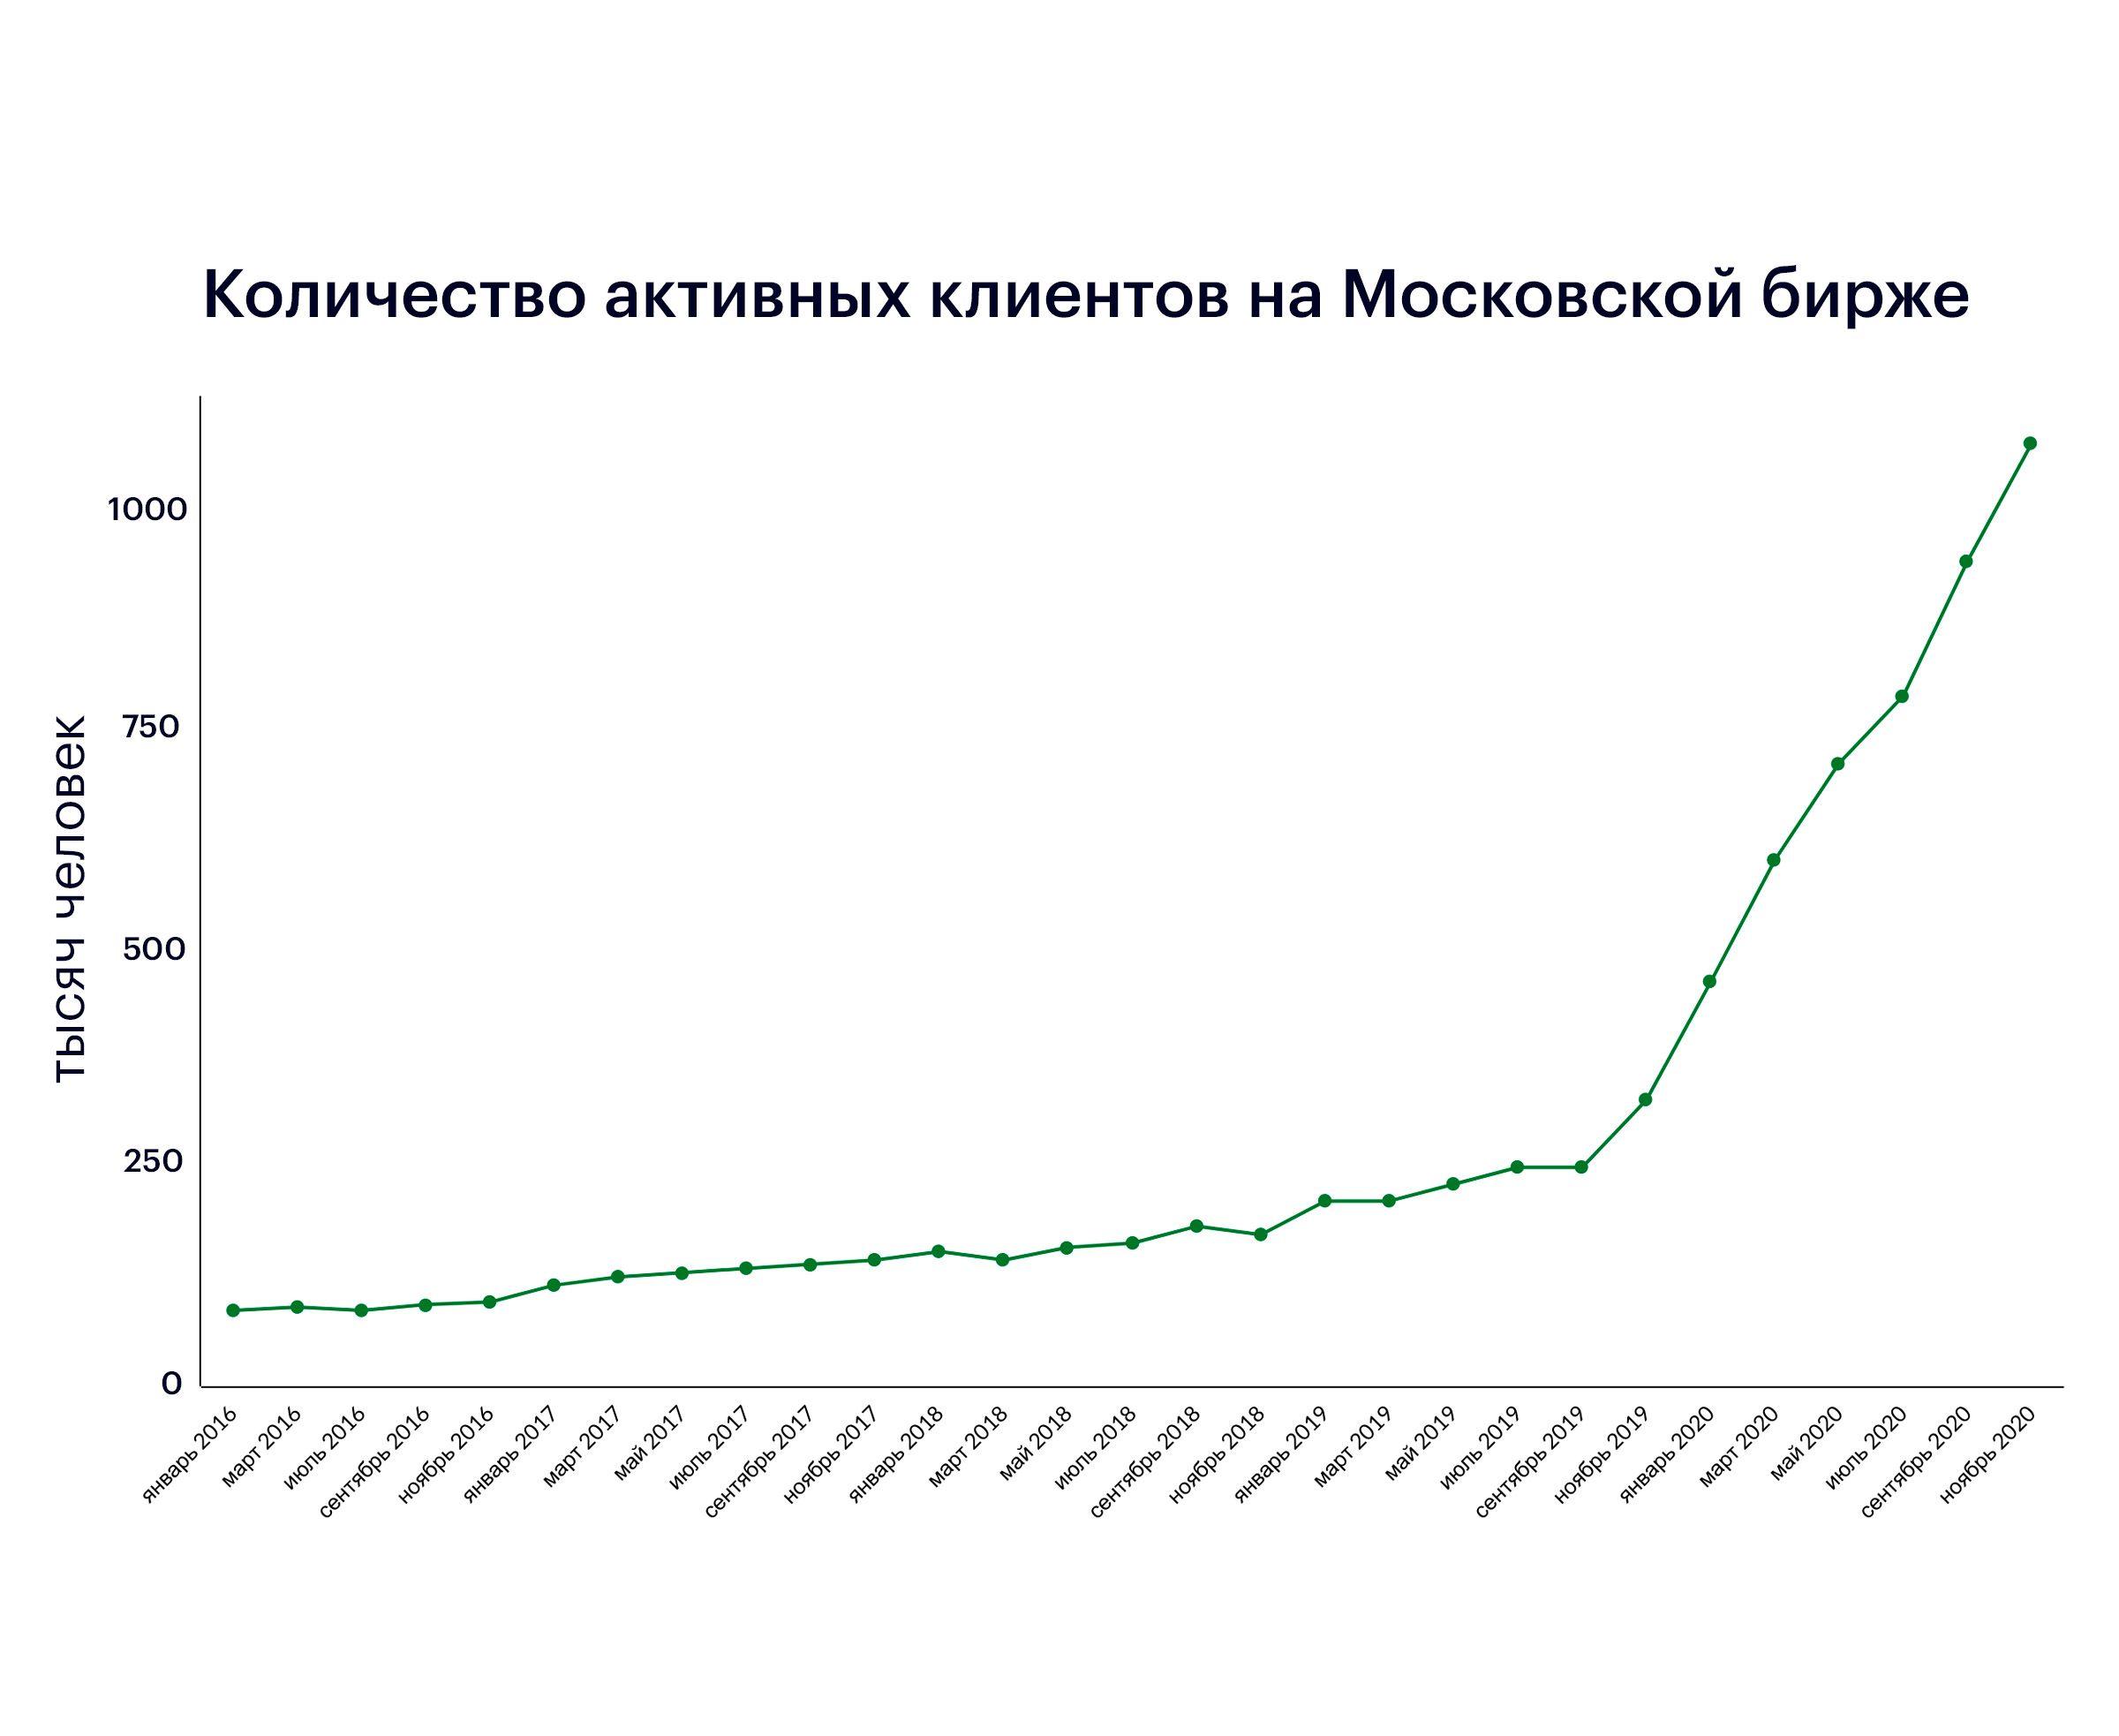 Ренессанс фондового рынка 487793 - Kapital.kz